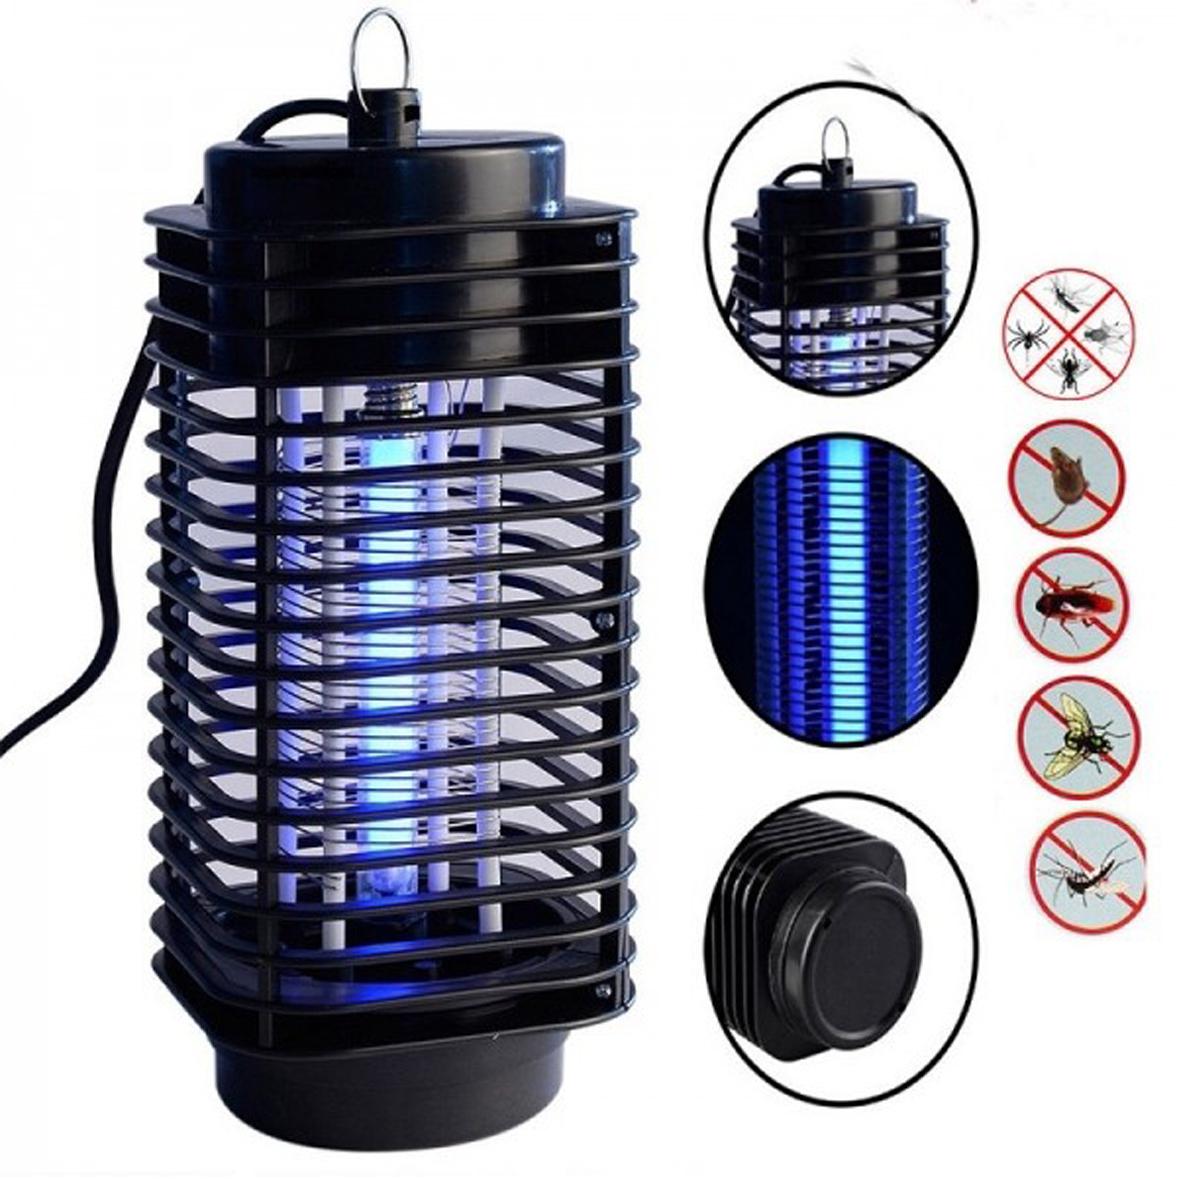 Zanzariera elettrica lampada uv 3 watt lanterna for Lampada zanzare